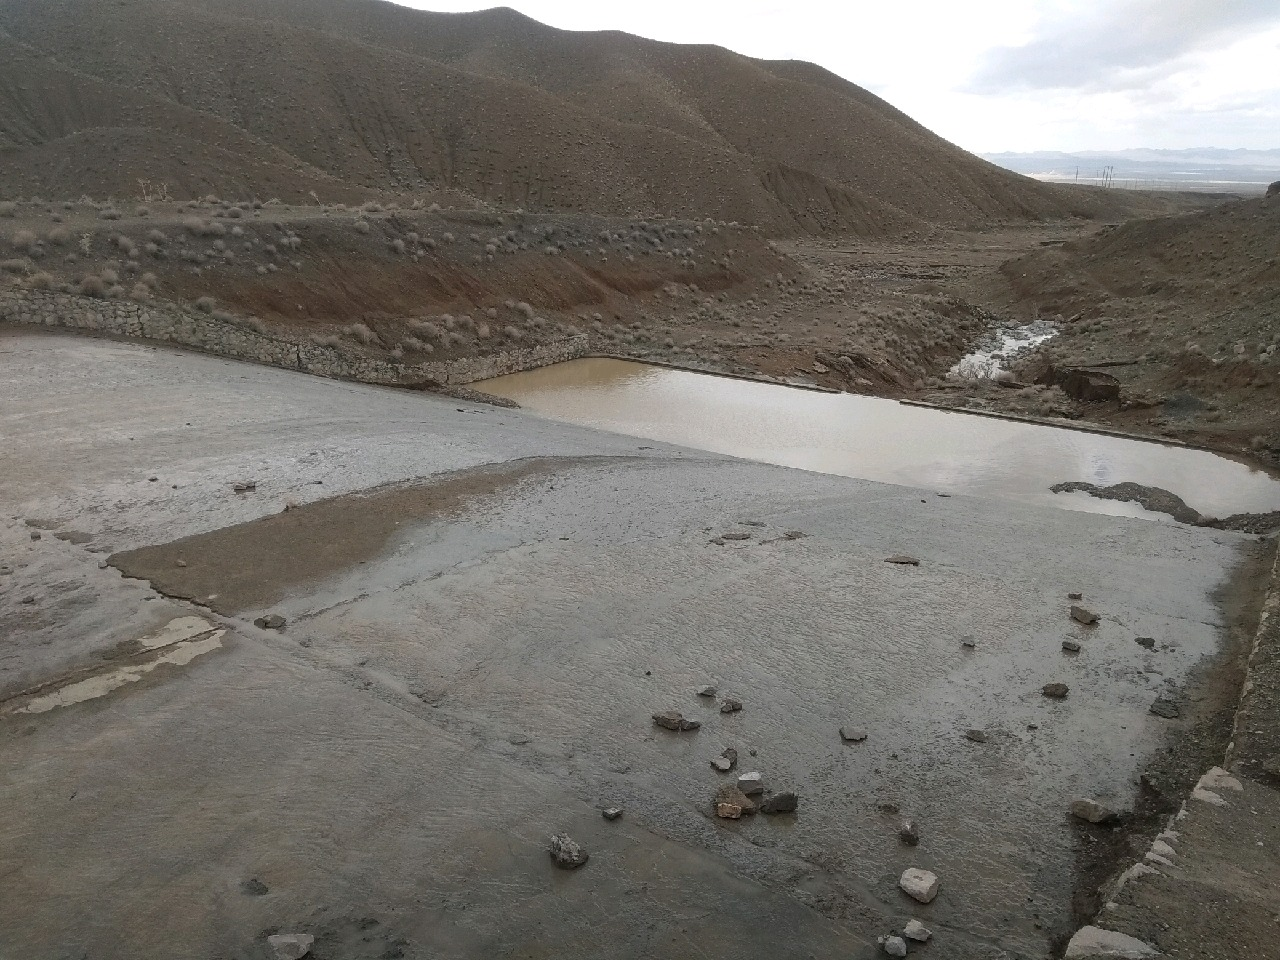 بشرویه و قاین رکوردار بارندگی در شهرستانهای خراسان جنوبی